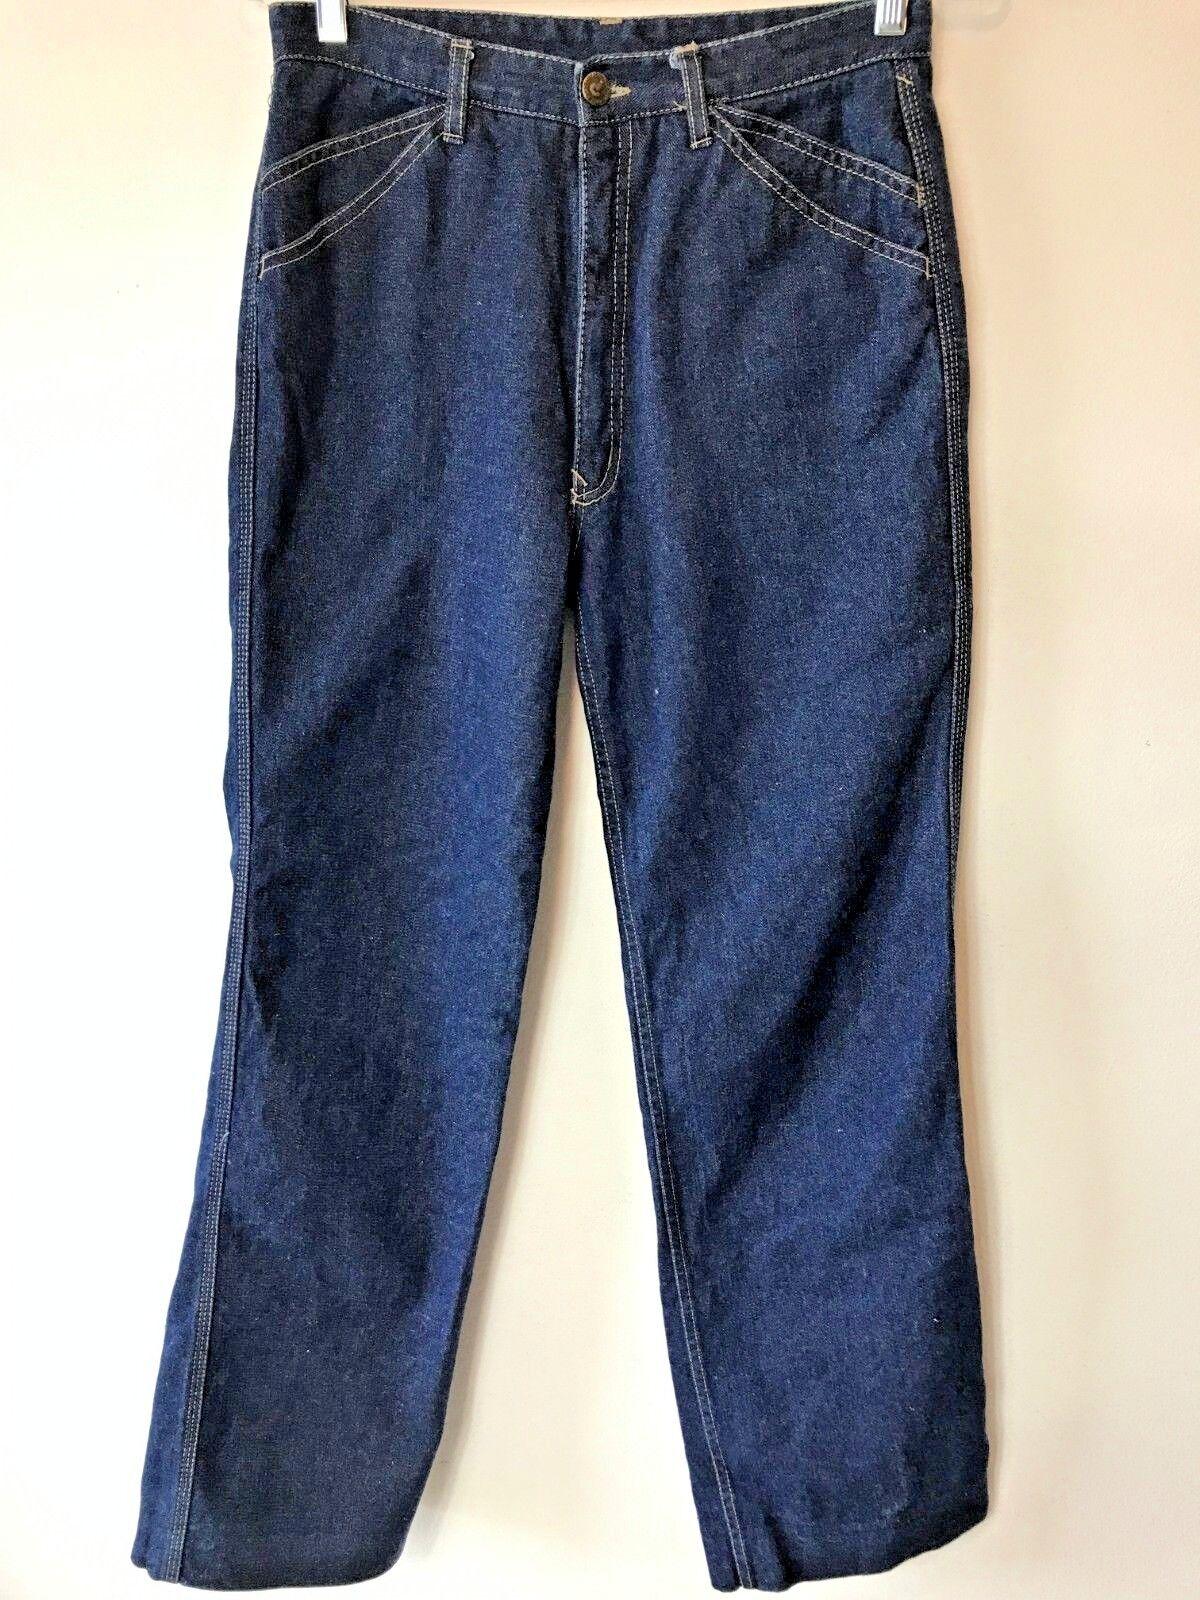 Vintage 1980s Nest N'est Ce Pas High Waist Jeans … - image 10